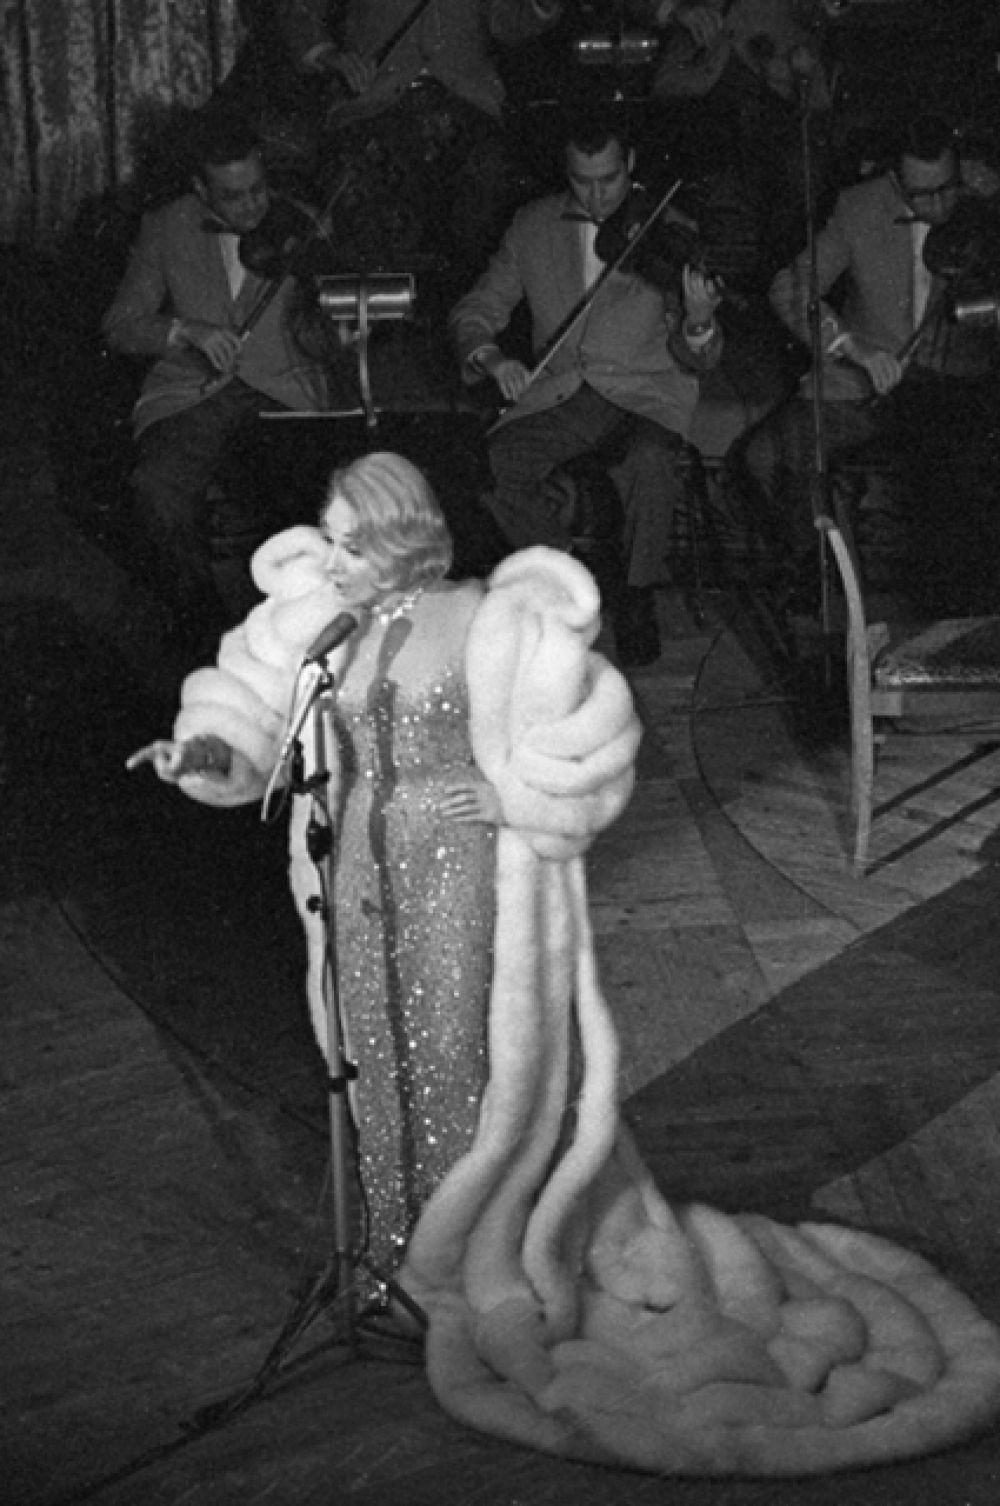 В 1960 году она приехала с гастролями в ФРГ, а тремя годами позже с огромным успехом дала концерты в Москве и Ленинграде, где призналась, что давно мечтала побывать в СССР.